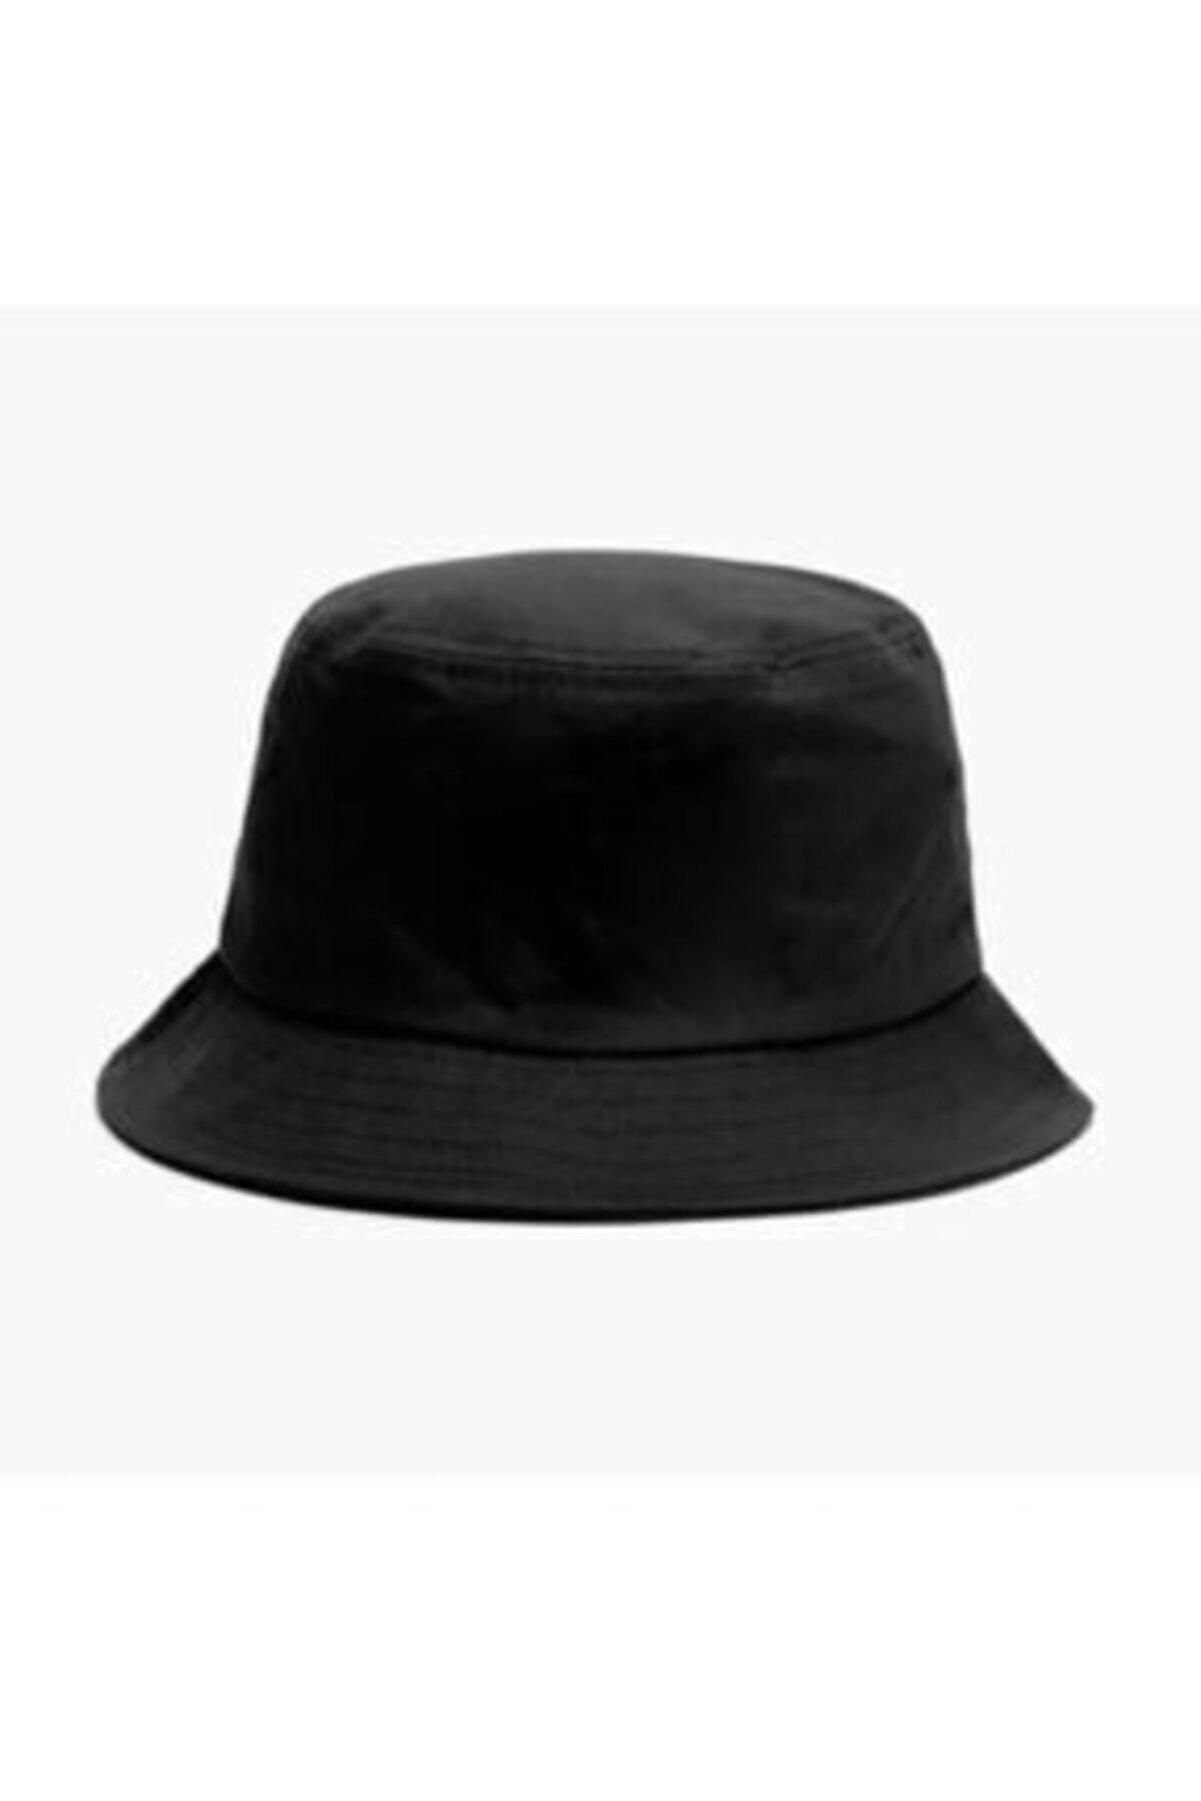 Hermes Aksesuar Unisex Düz Siyah Balıkçı Şapkası